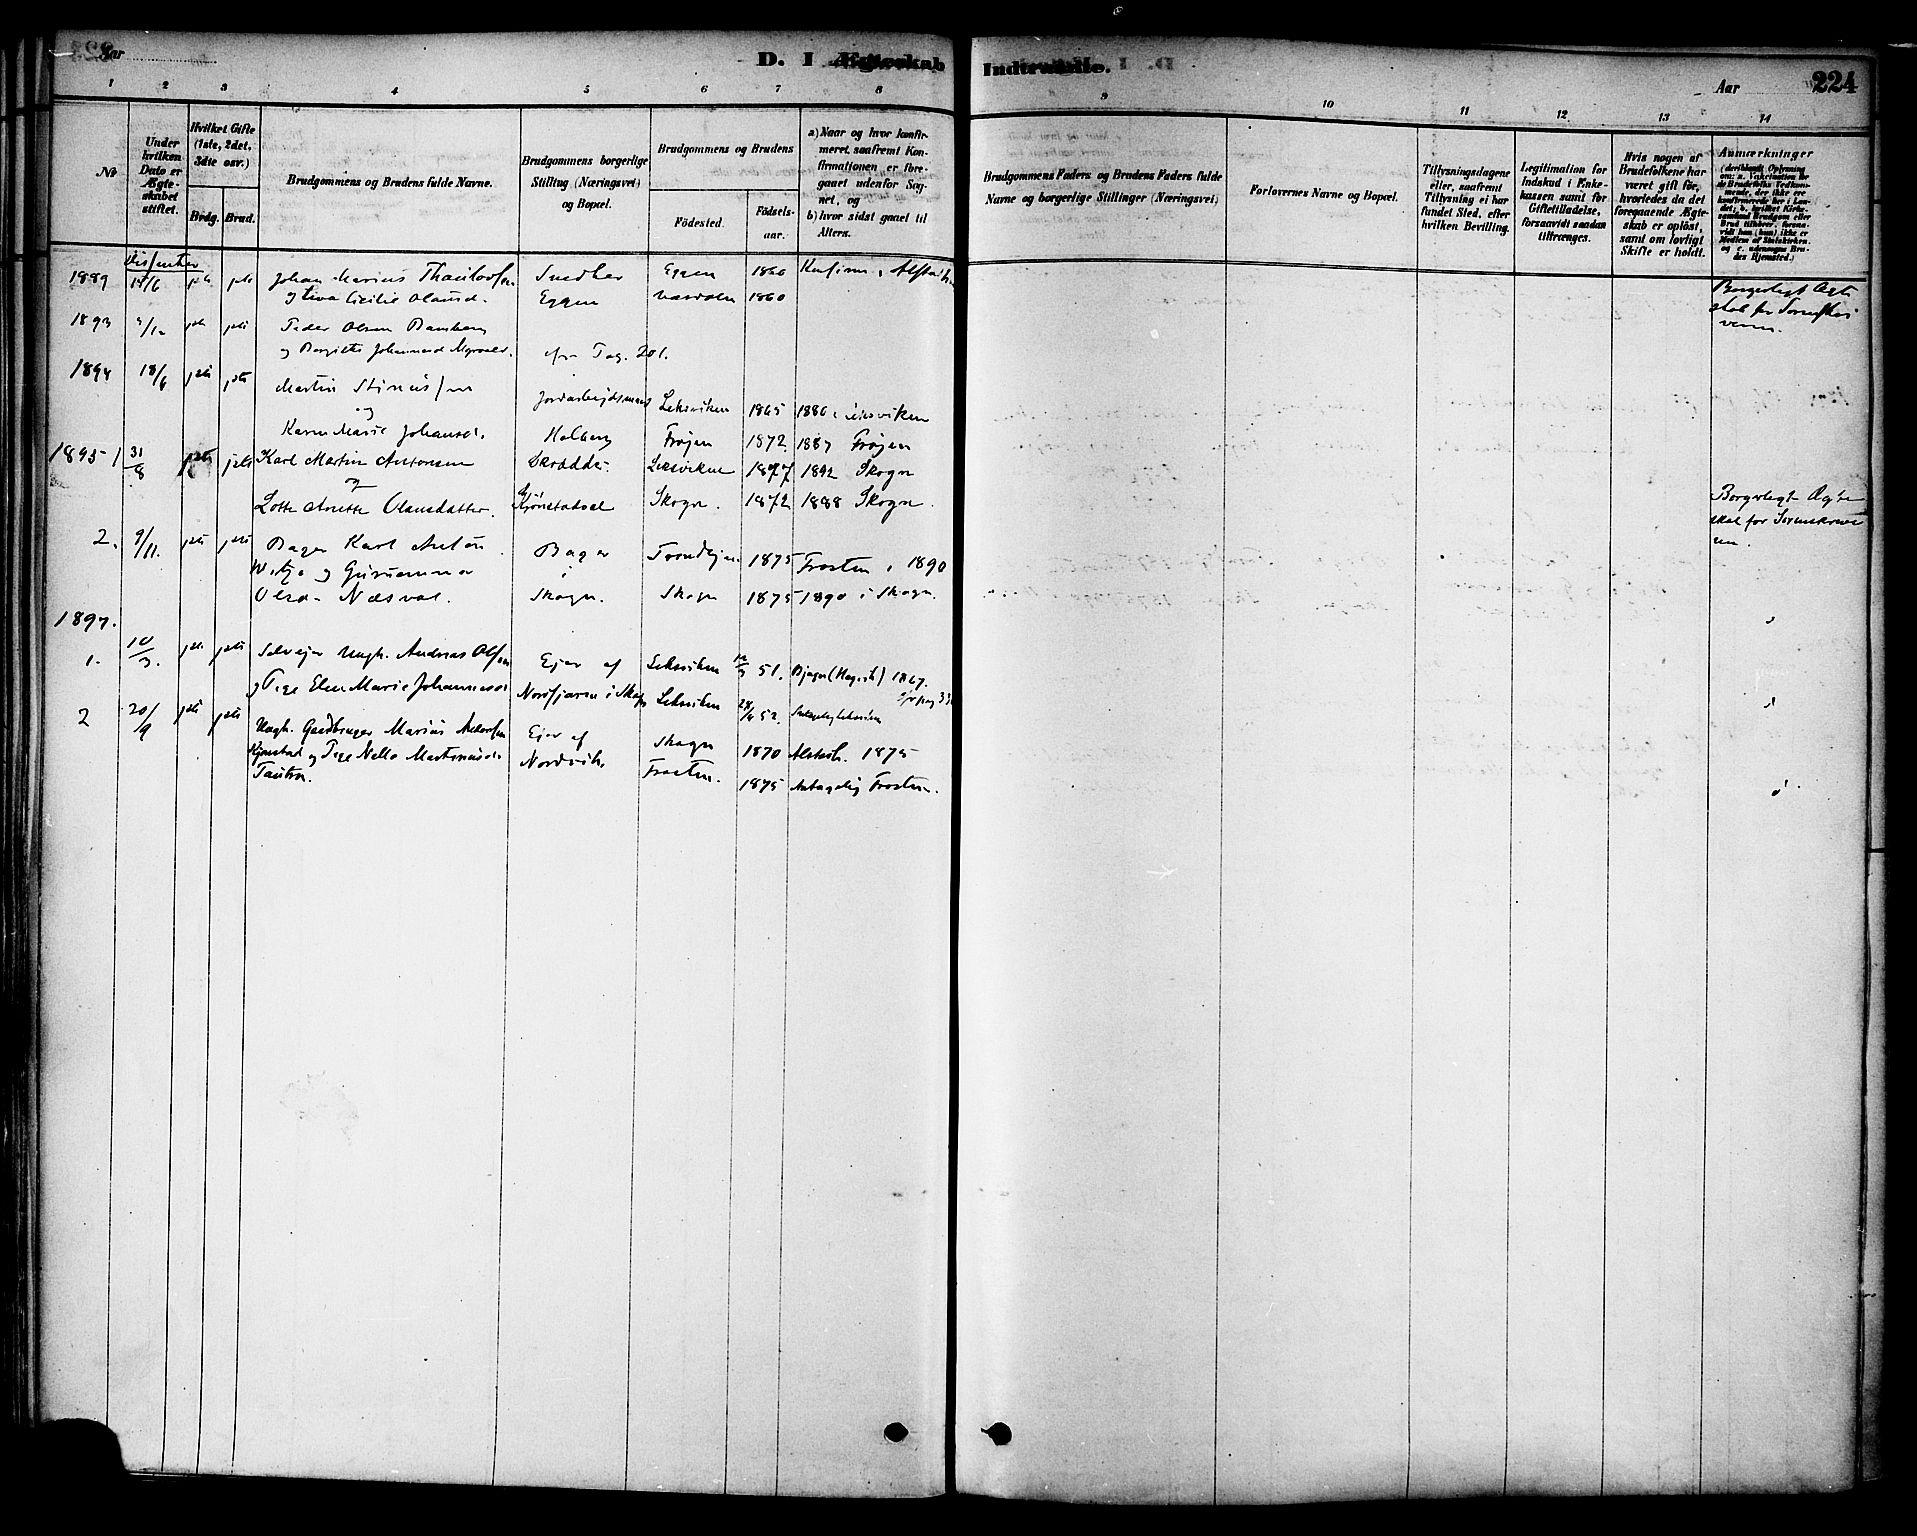 SAT, Ministerialprotokoller, klokkerbøker og fødselsregistre - Nord-Trøndelag, 717/L0159: Ministerialbok nr. 717A09, 1878-1898, s. 224